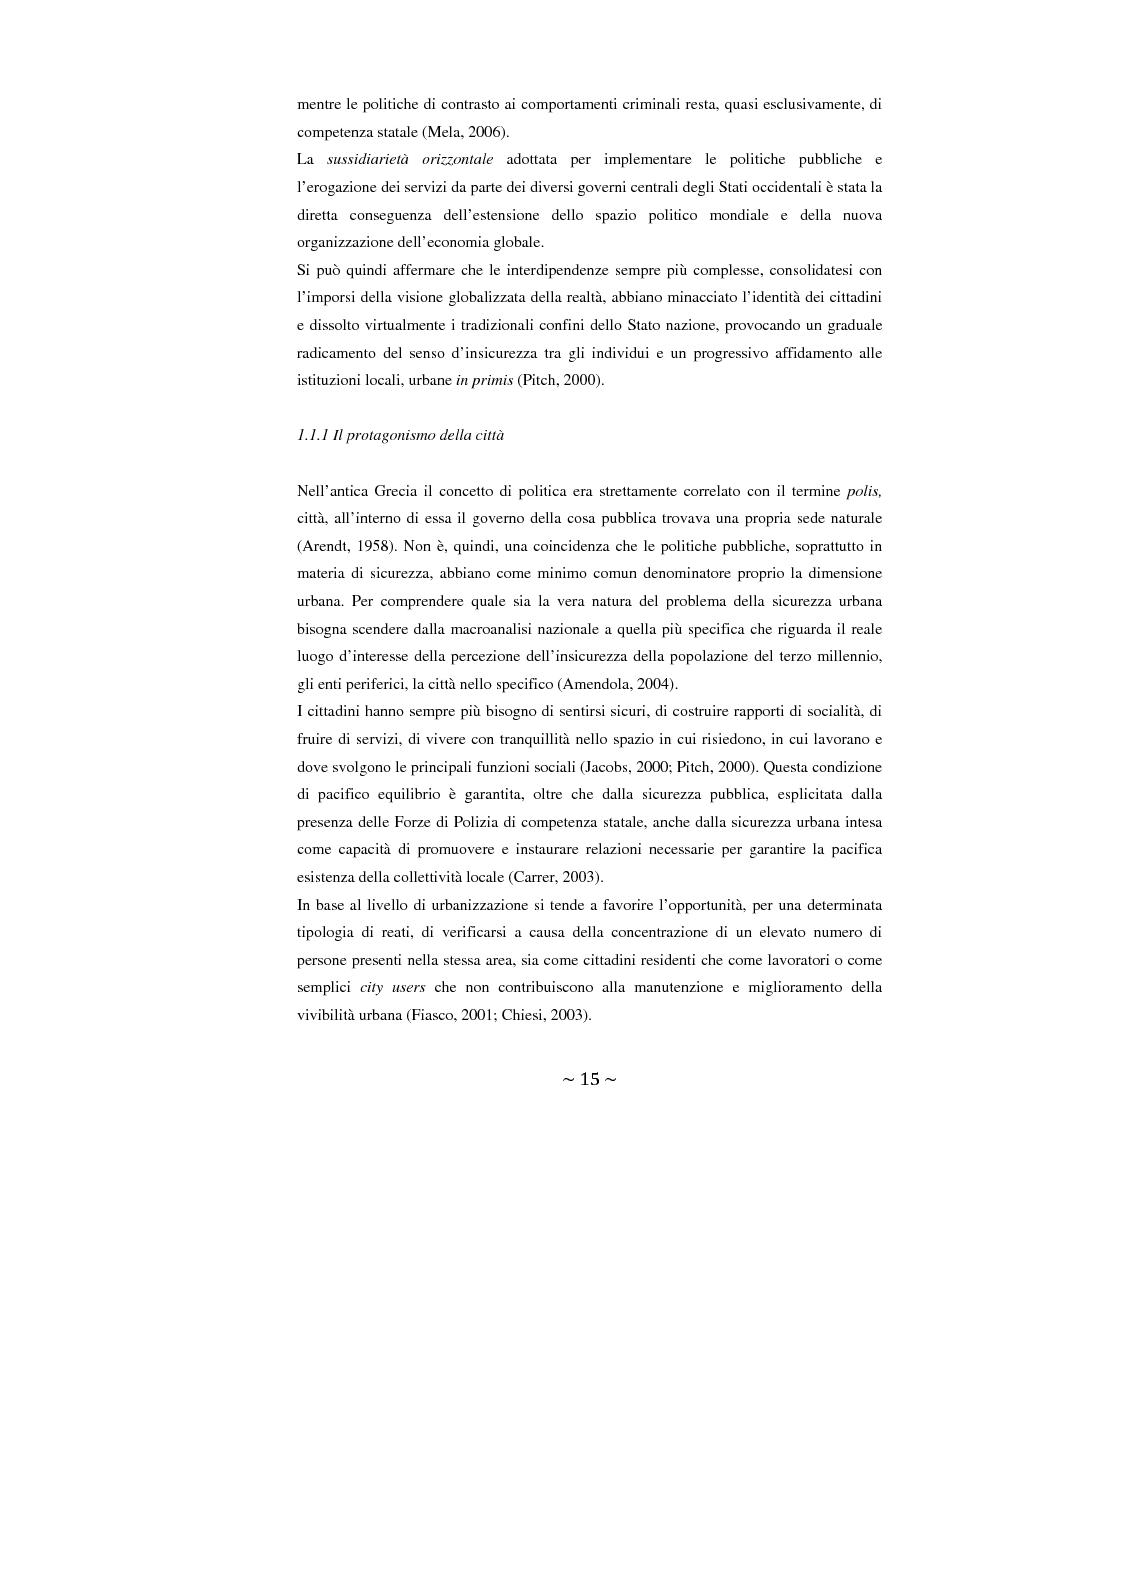 Anteprima della tesi: Contrattualizzare la sicurezza urbana, Pagina 8